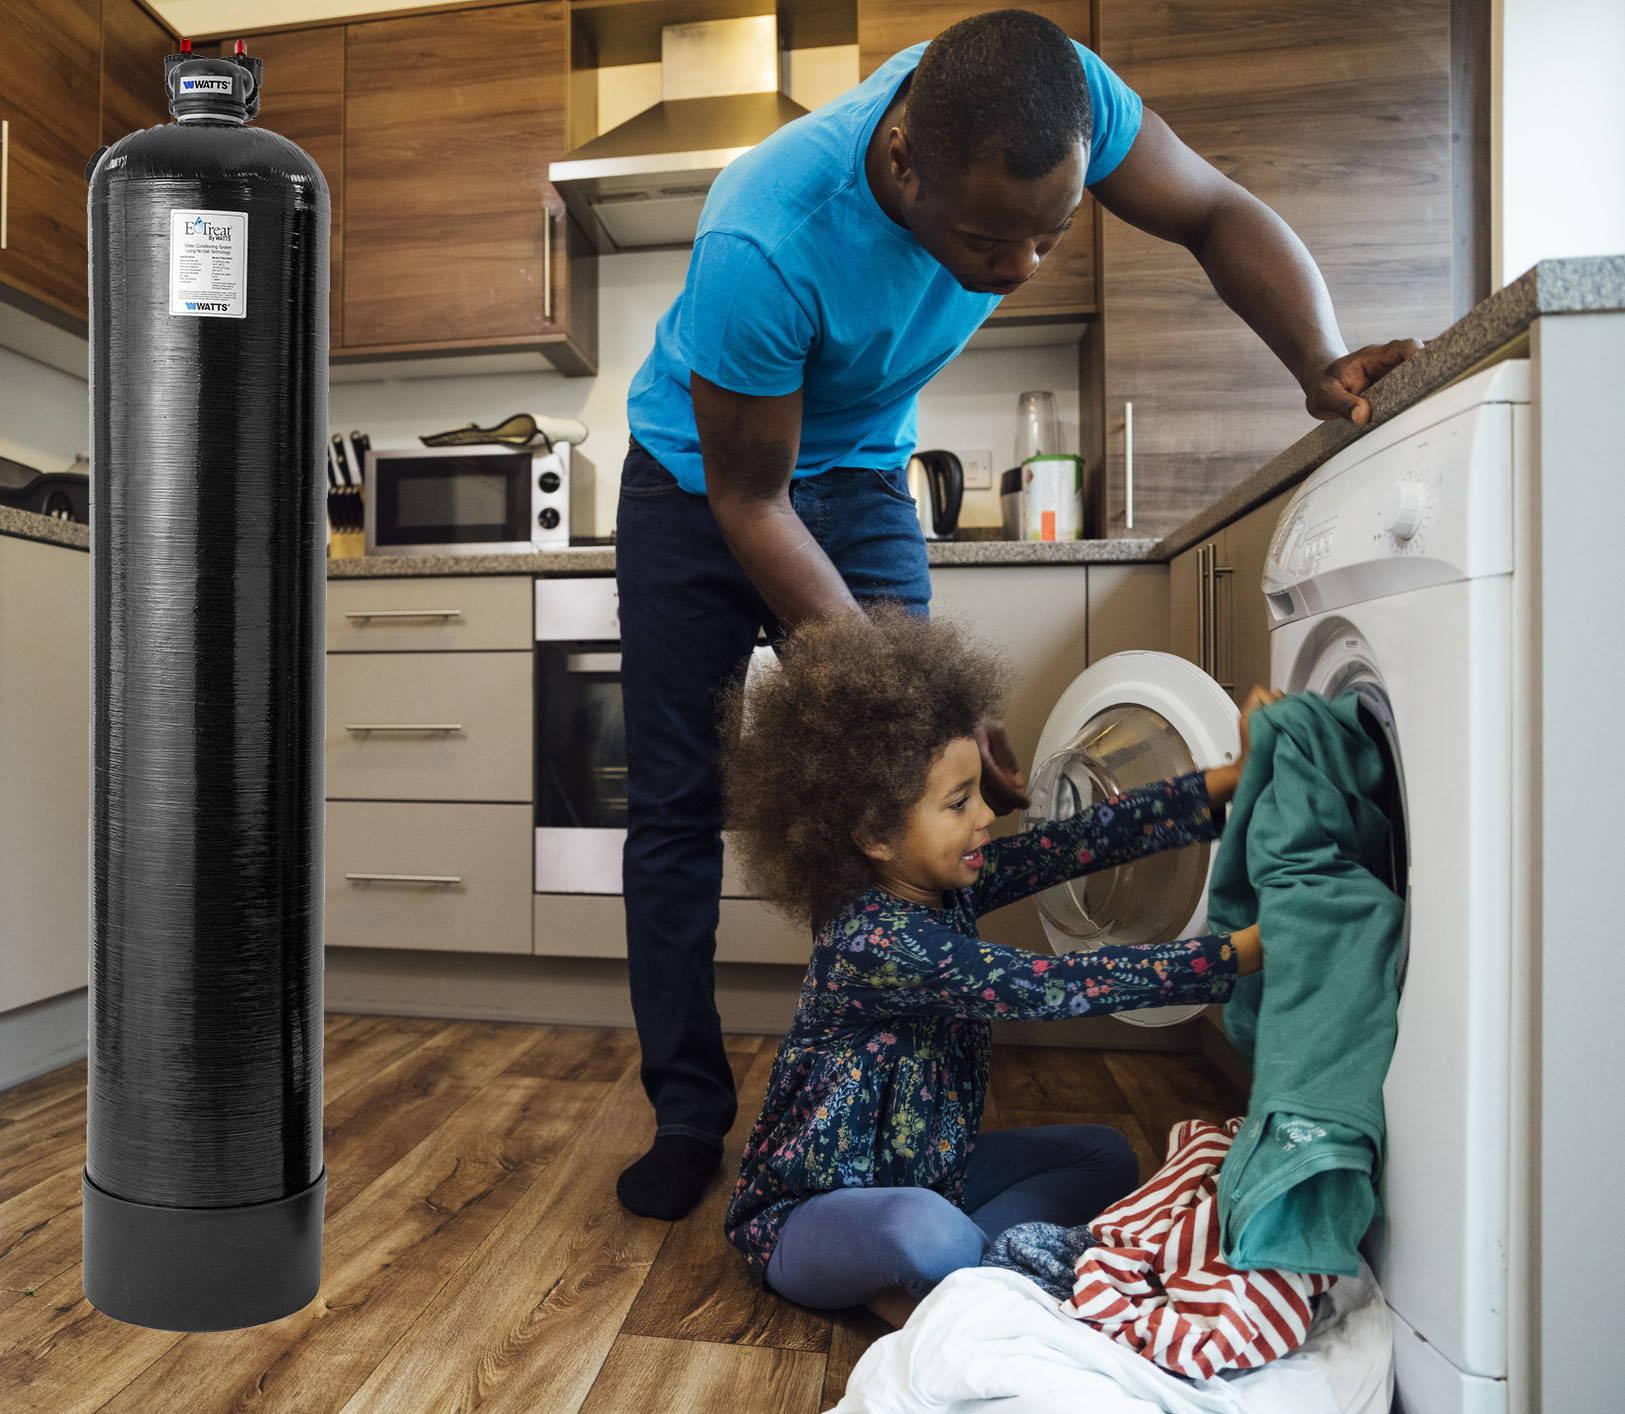 Watts Premier Etreat, Salt-Free, Water Conditioning System